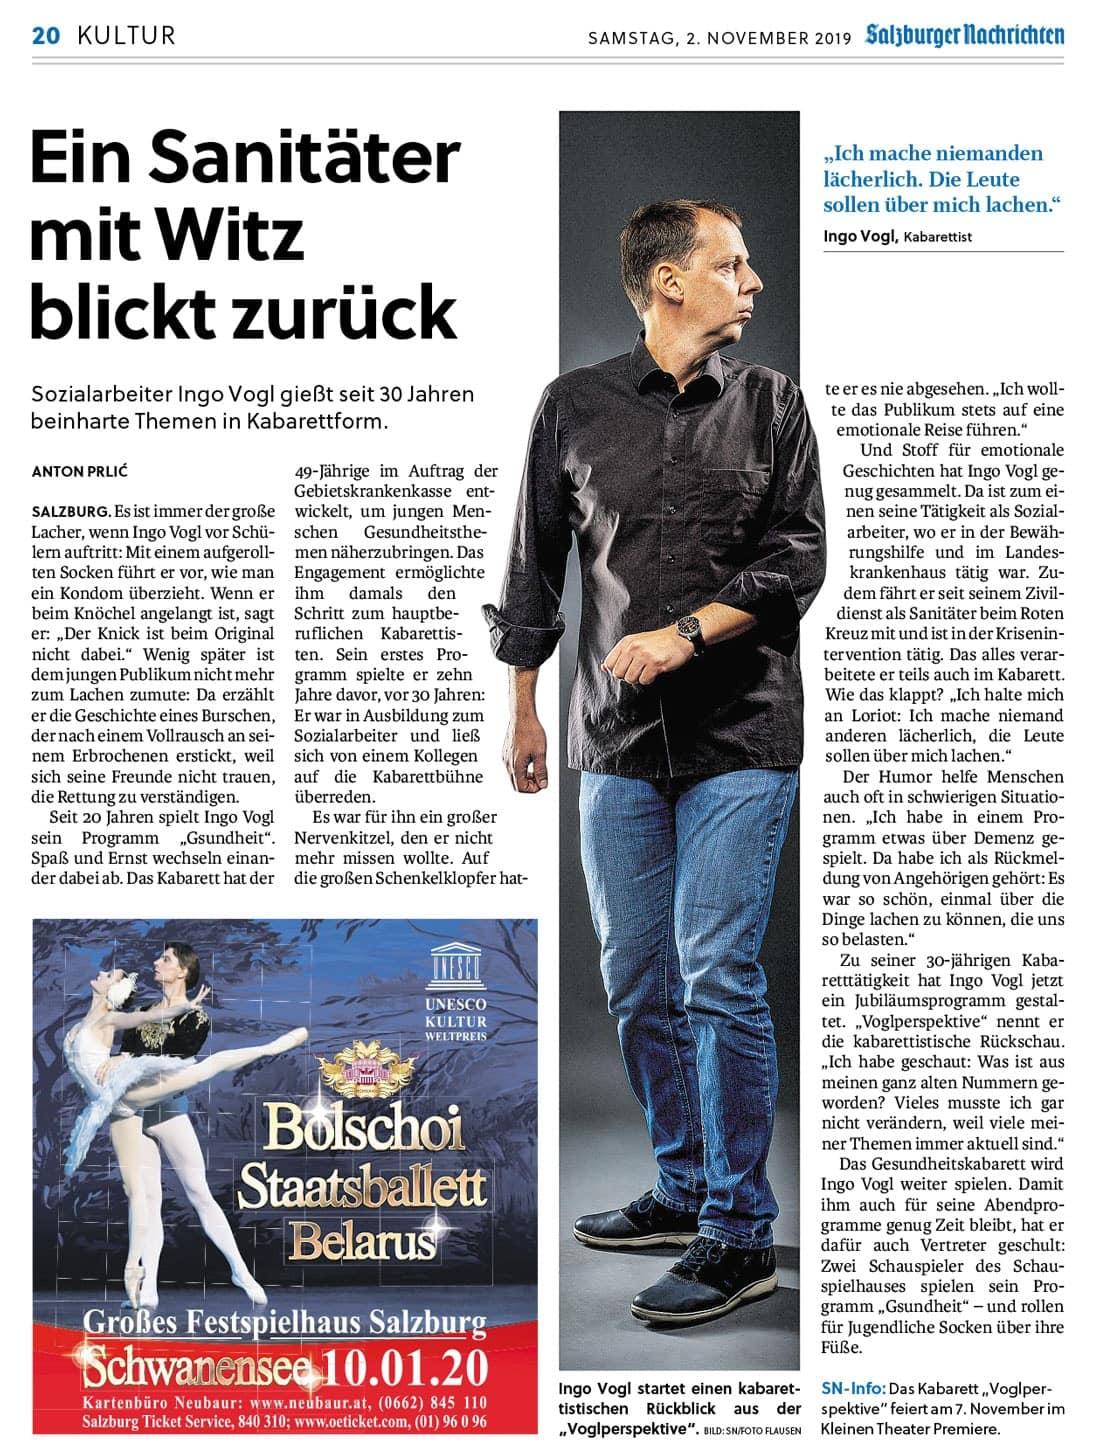 20191102 BER SN IngoVogl 02 - Ein Sanitäter mit Witz blickt zurück - SN vom 02.11.2019